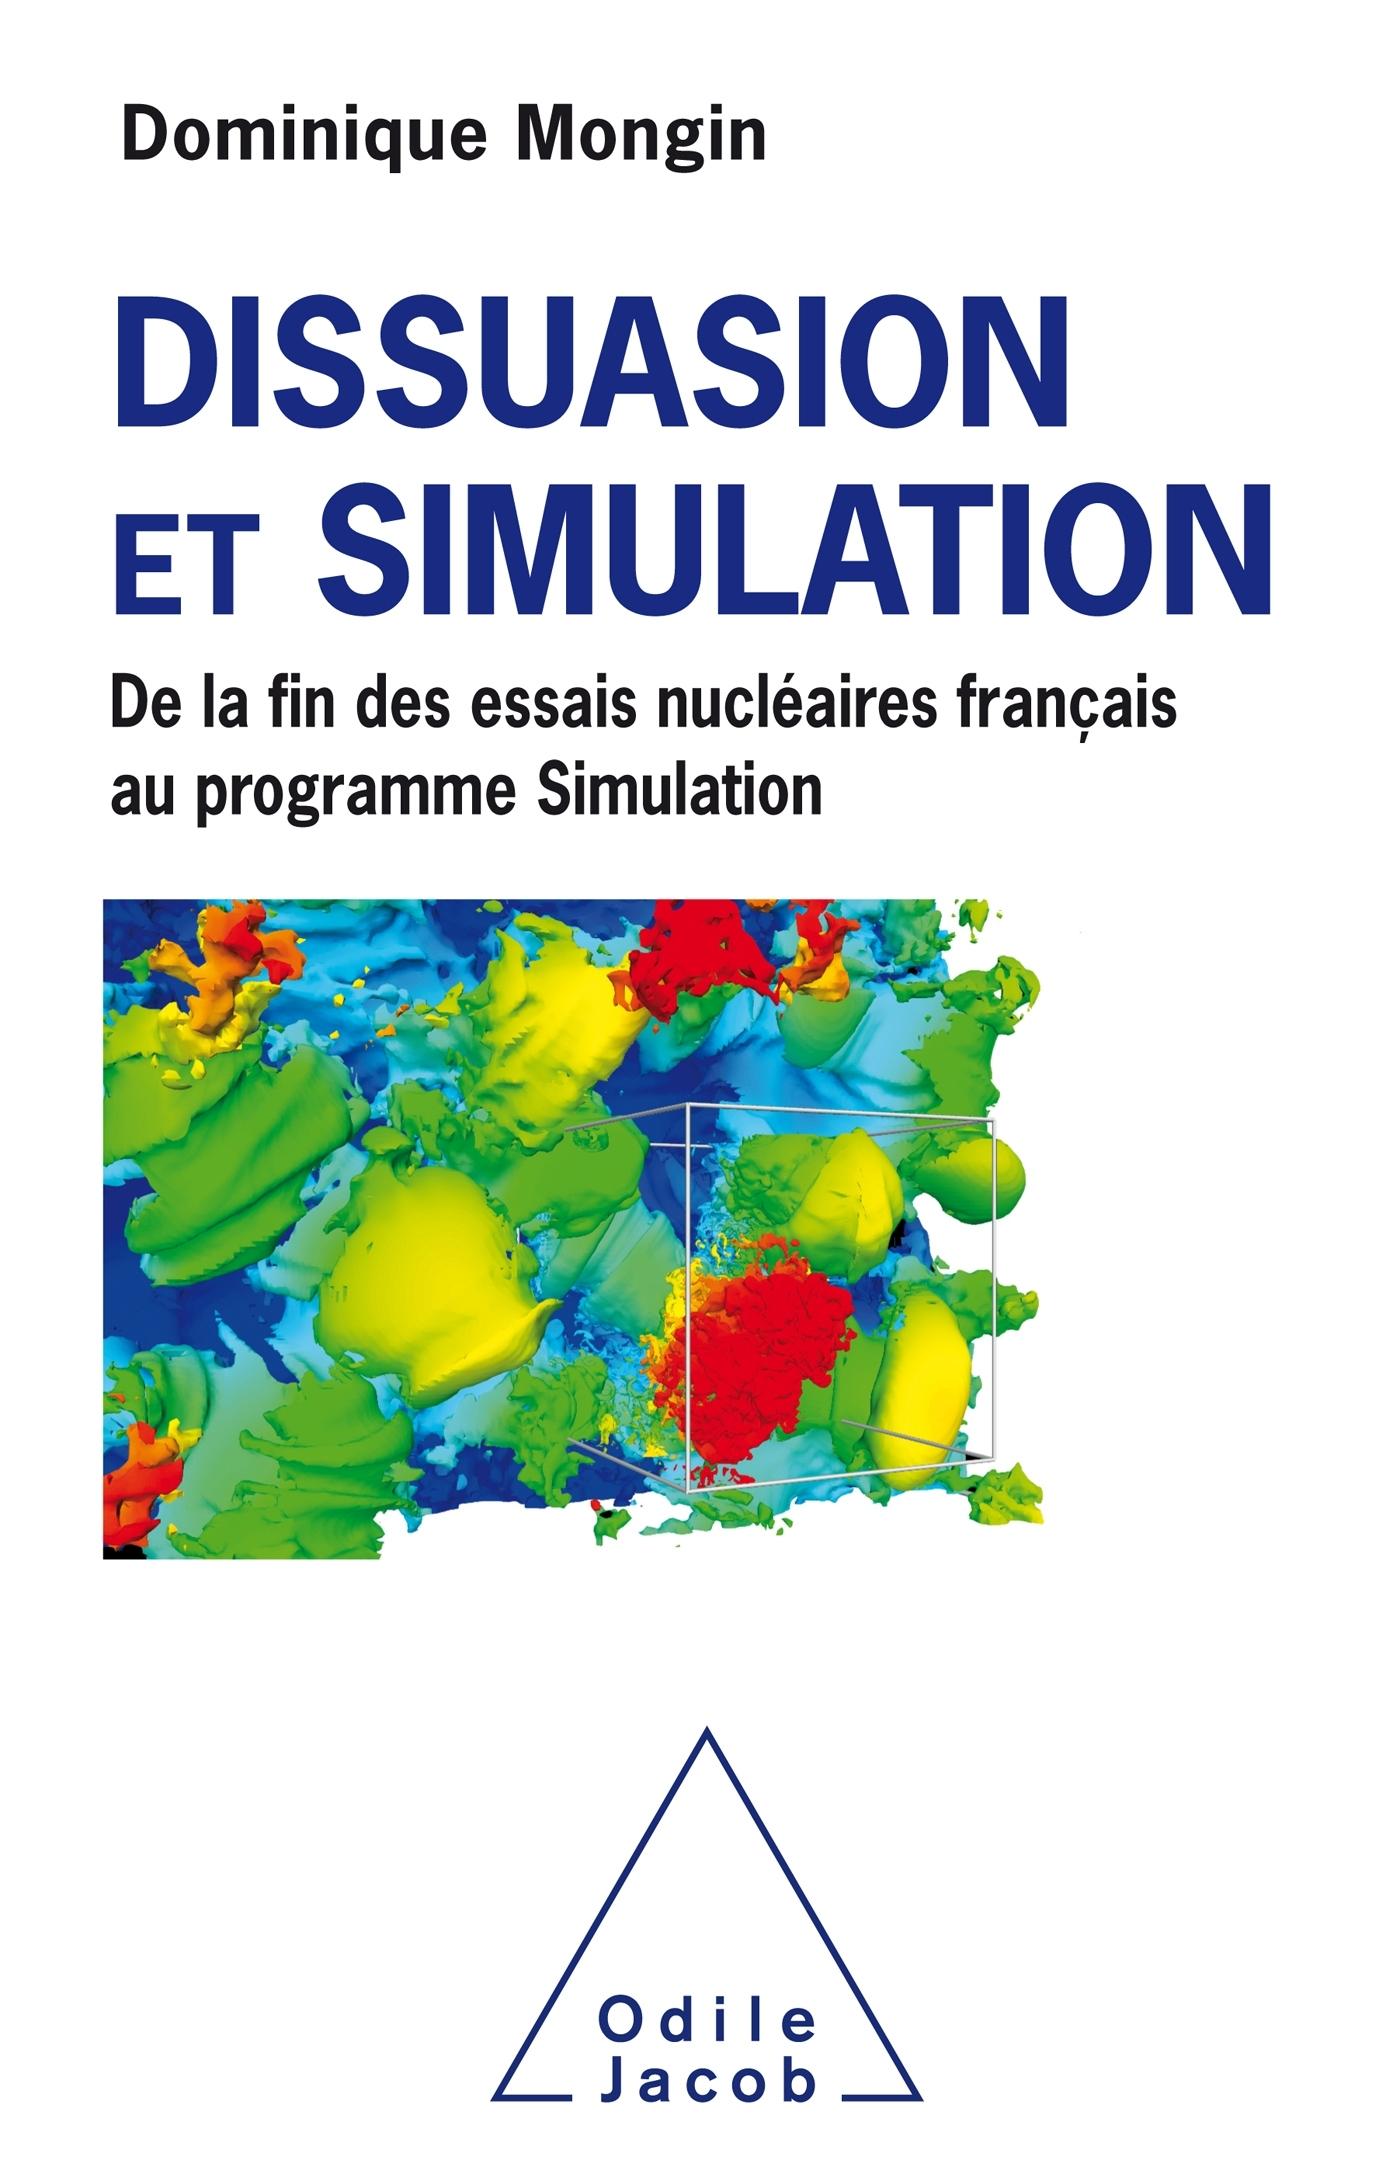 DISSUASION ET SIMULATION - DE LA FIN DES ESSAIS NUCLEAIRESFRANCAIS AU PROGRAMME SIMULATION